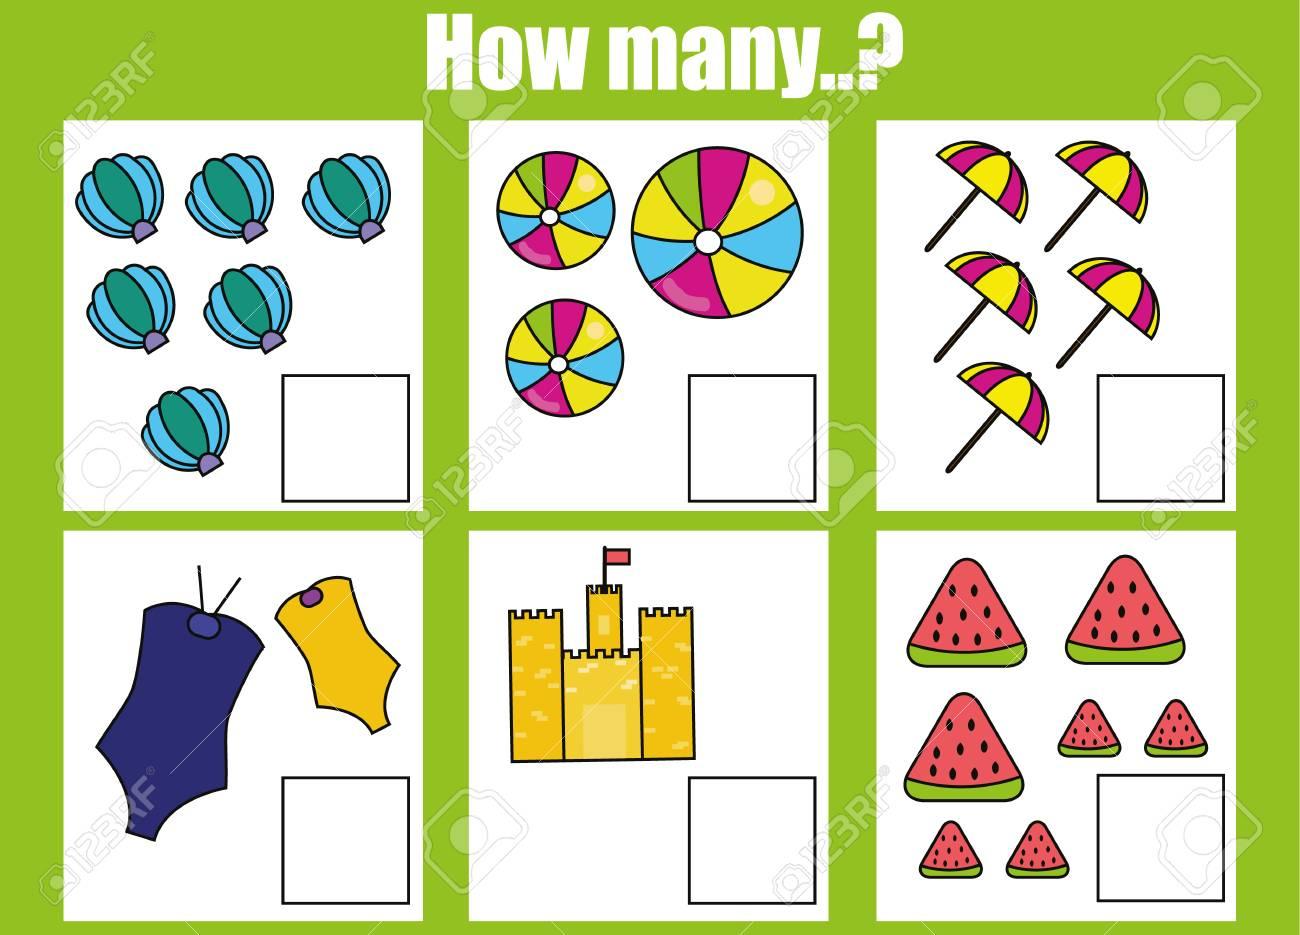 Comptage Jeu Éducatif Pour Les Enfants, Activités Pour Les Enfants Feuille  De Calcul. Combien De Tâches D'objets. L'apprentissage Des Mathématiques, destiné Jeu Calcul Enfant